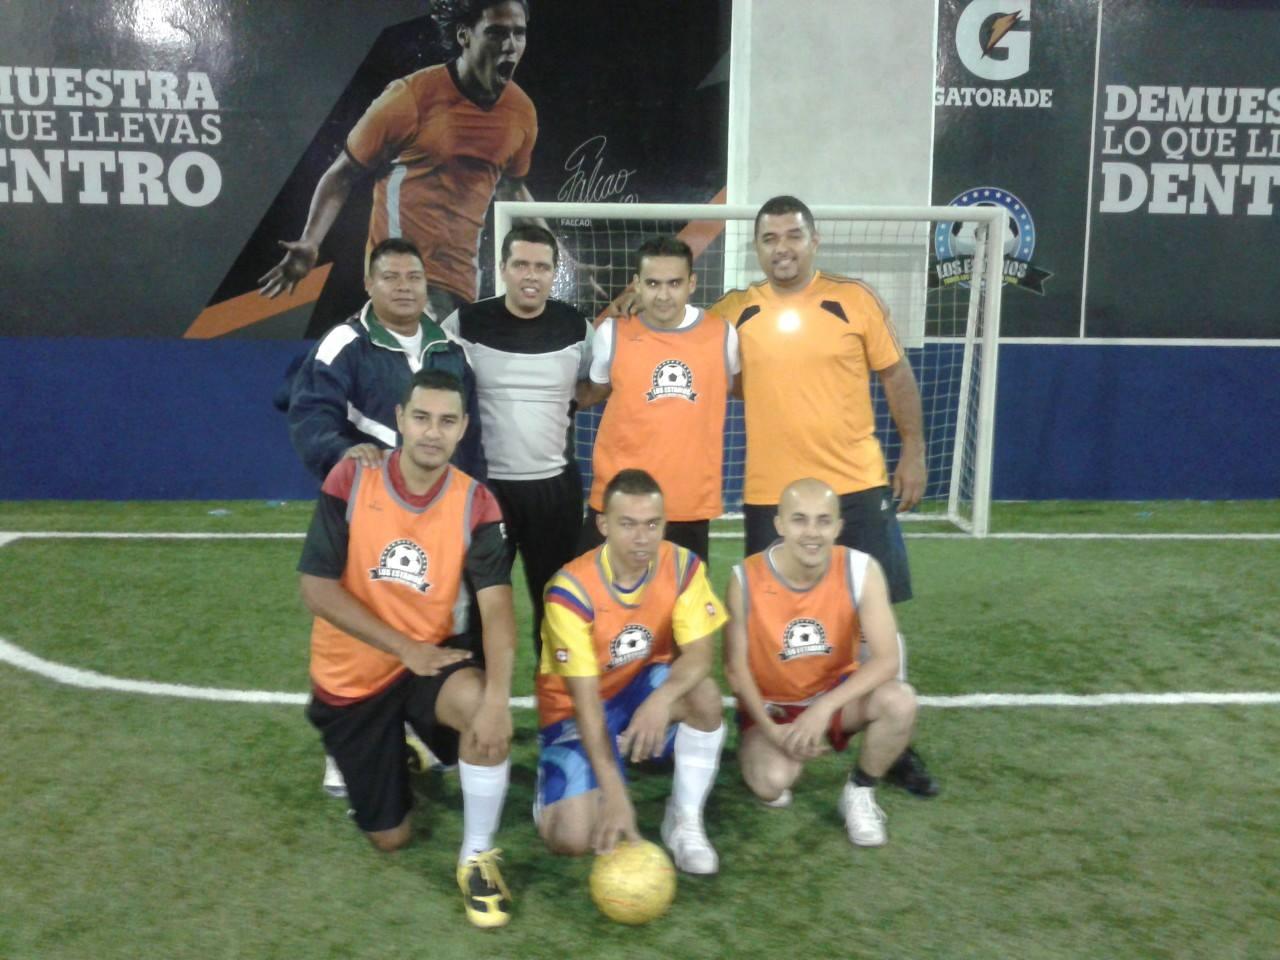 equipo-futbol-2013